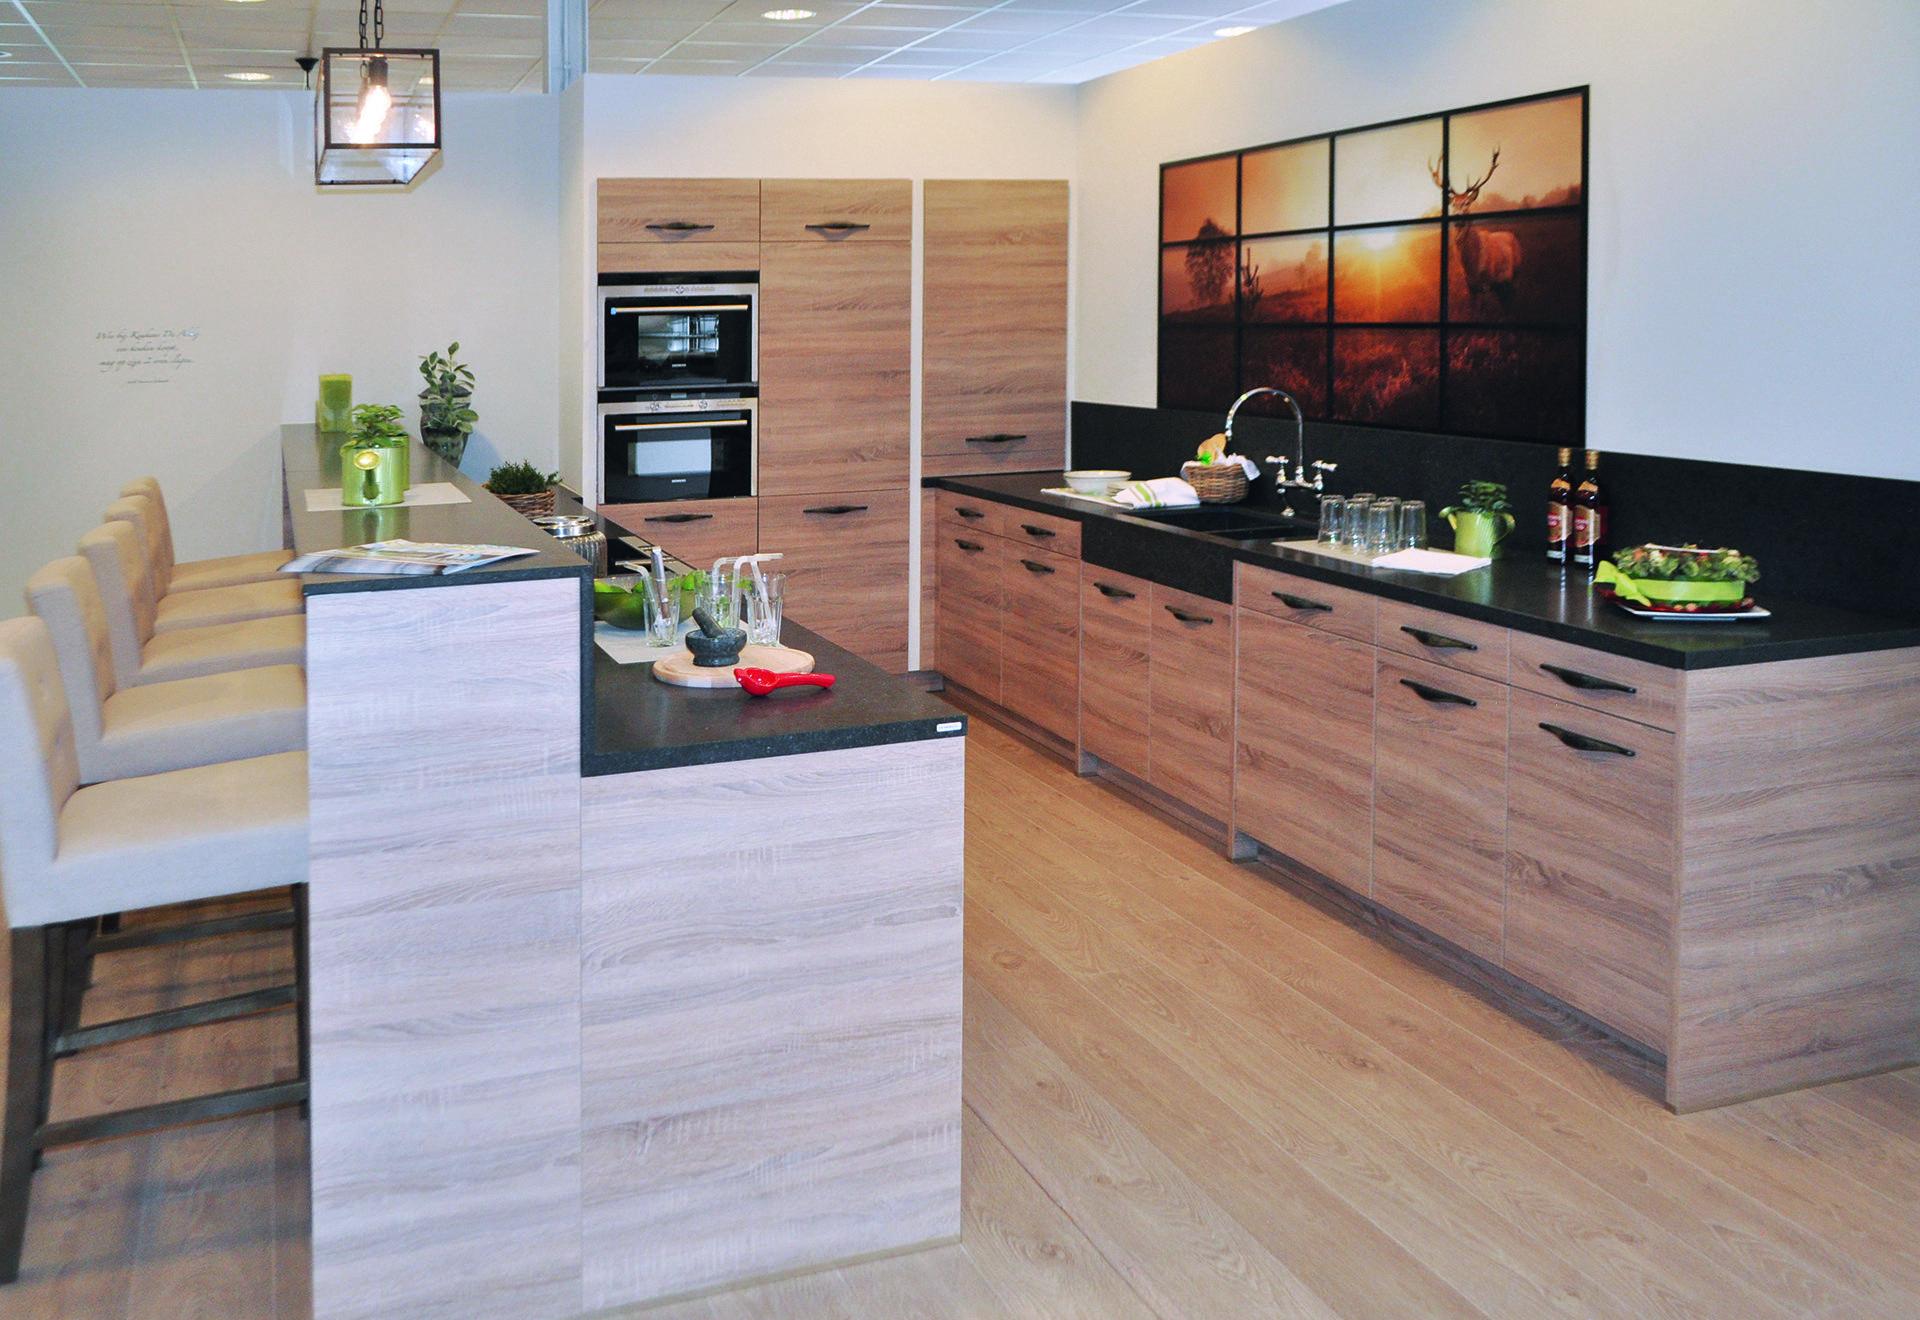 Landelijke keuken in laminaat met houtlook deze landelijke keuken